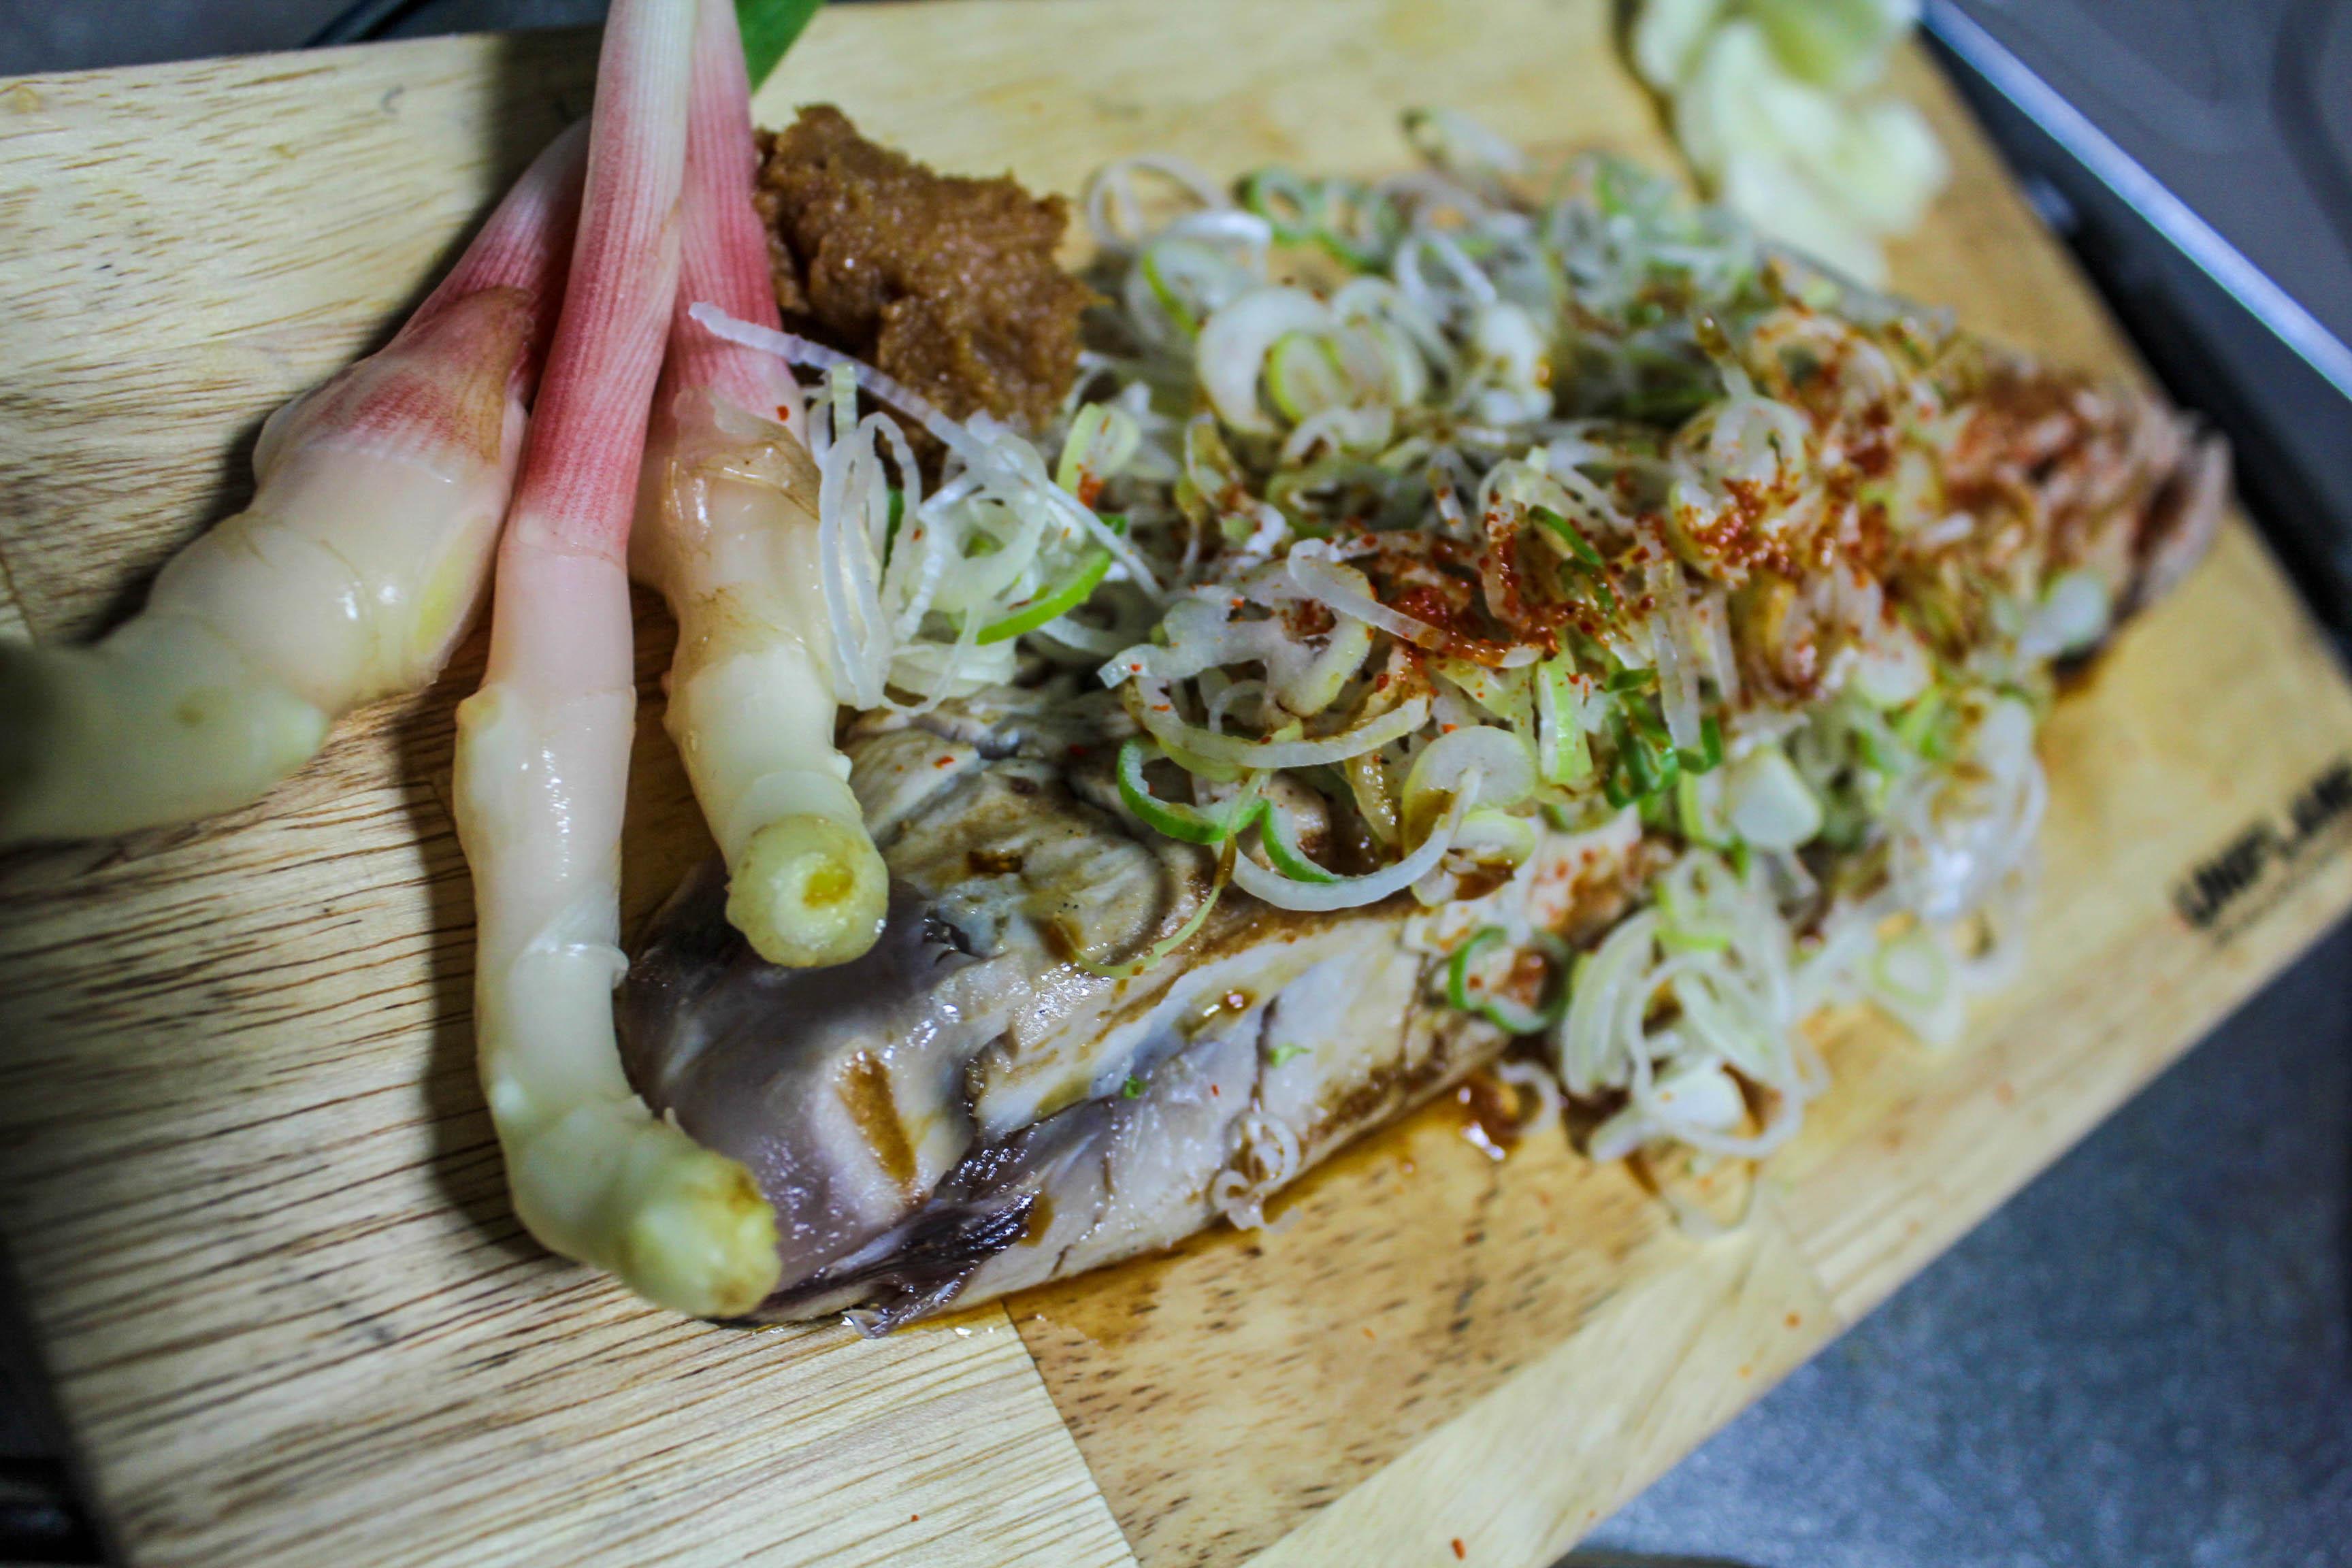 【キャンプ飯】男前グリルプレートを使って簡単に鰹のたたきを作る